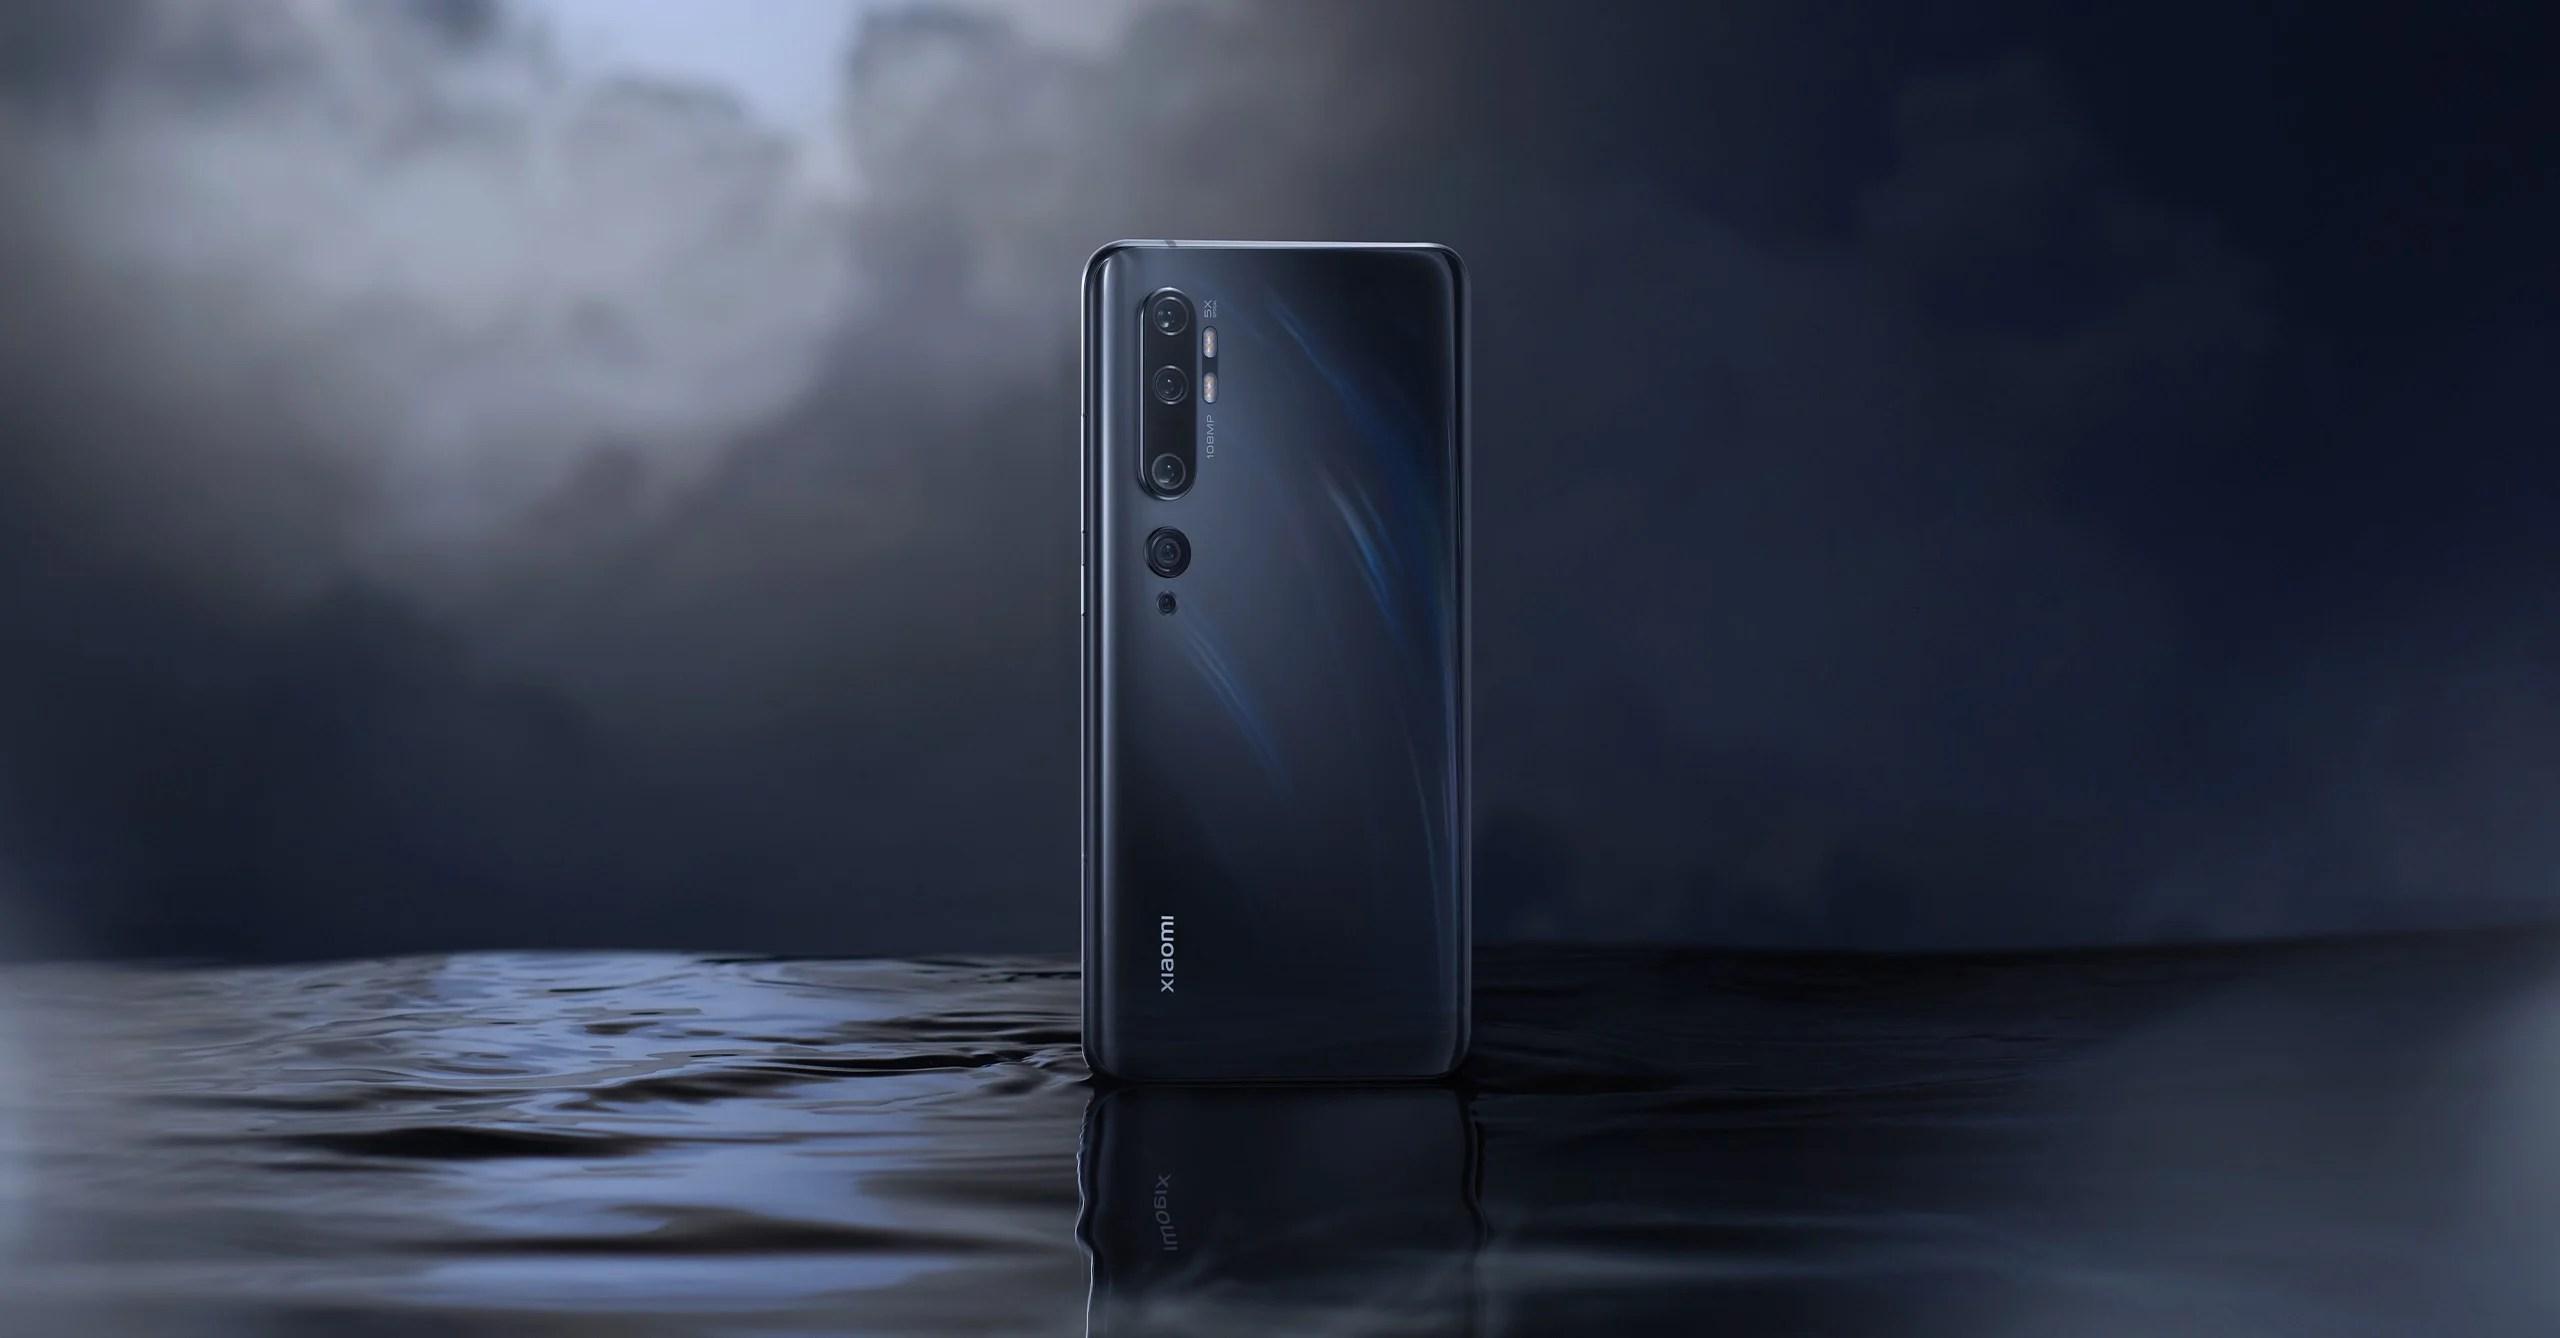 Xiaomi Mi Note 10 et Smart TV 4S officialisés, Orange se lance dans la 5G – Tech'spresso